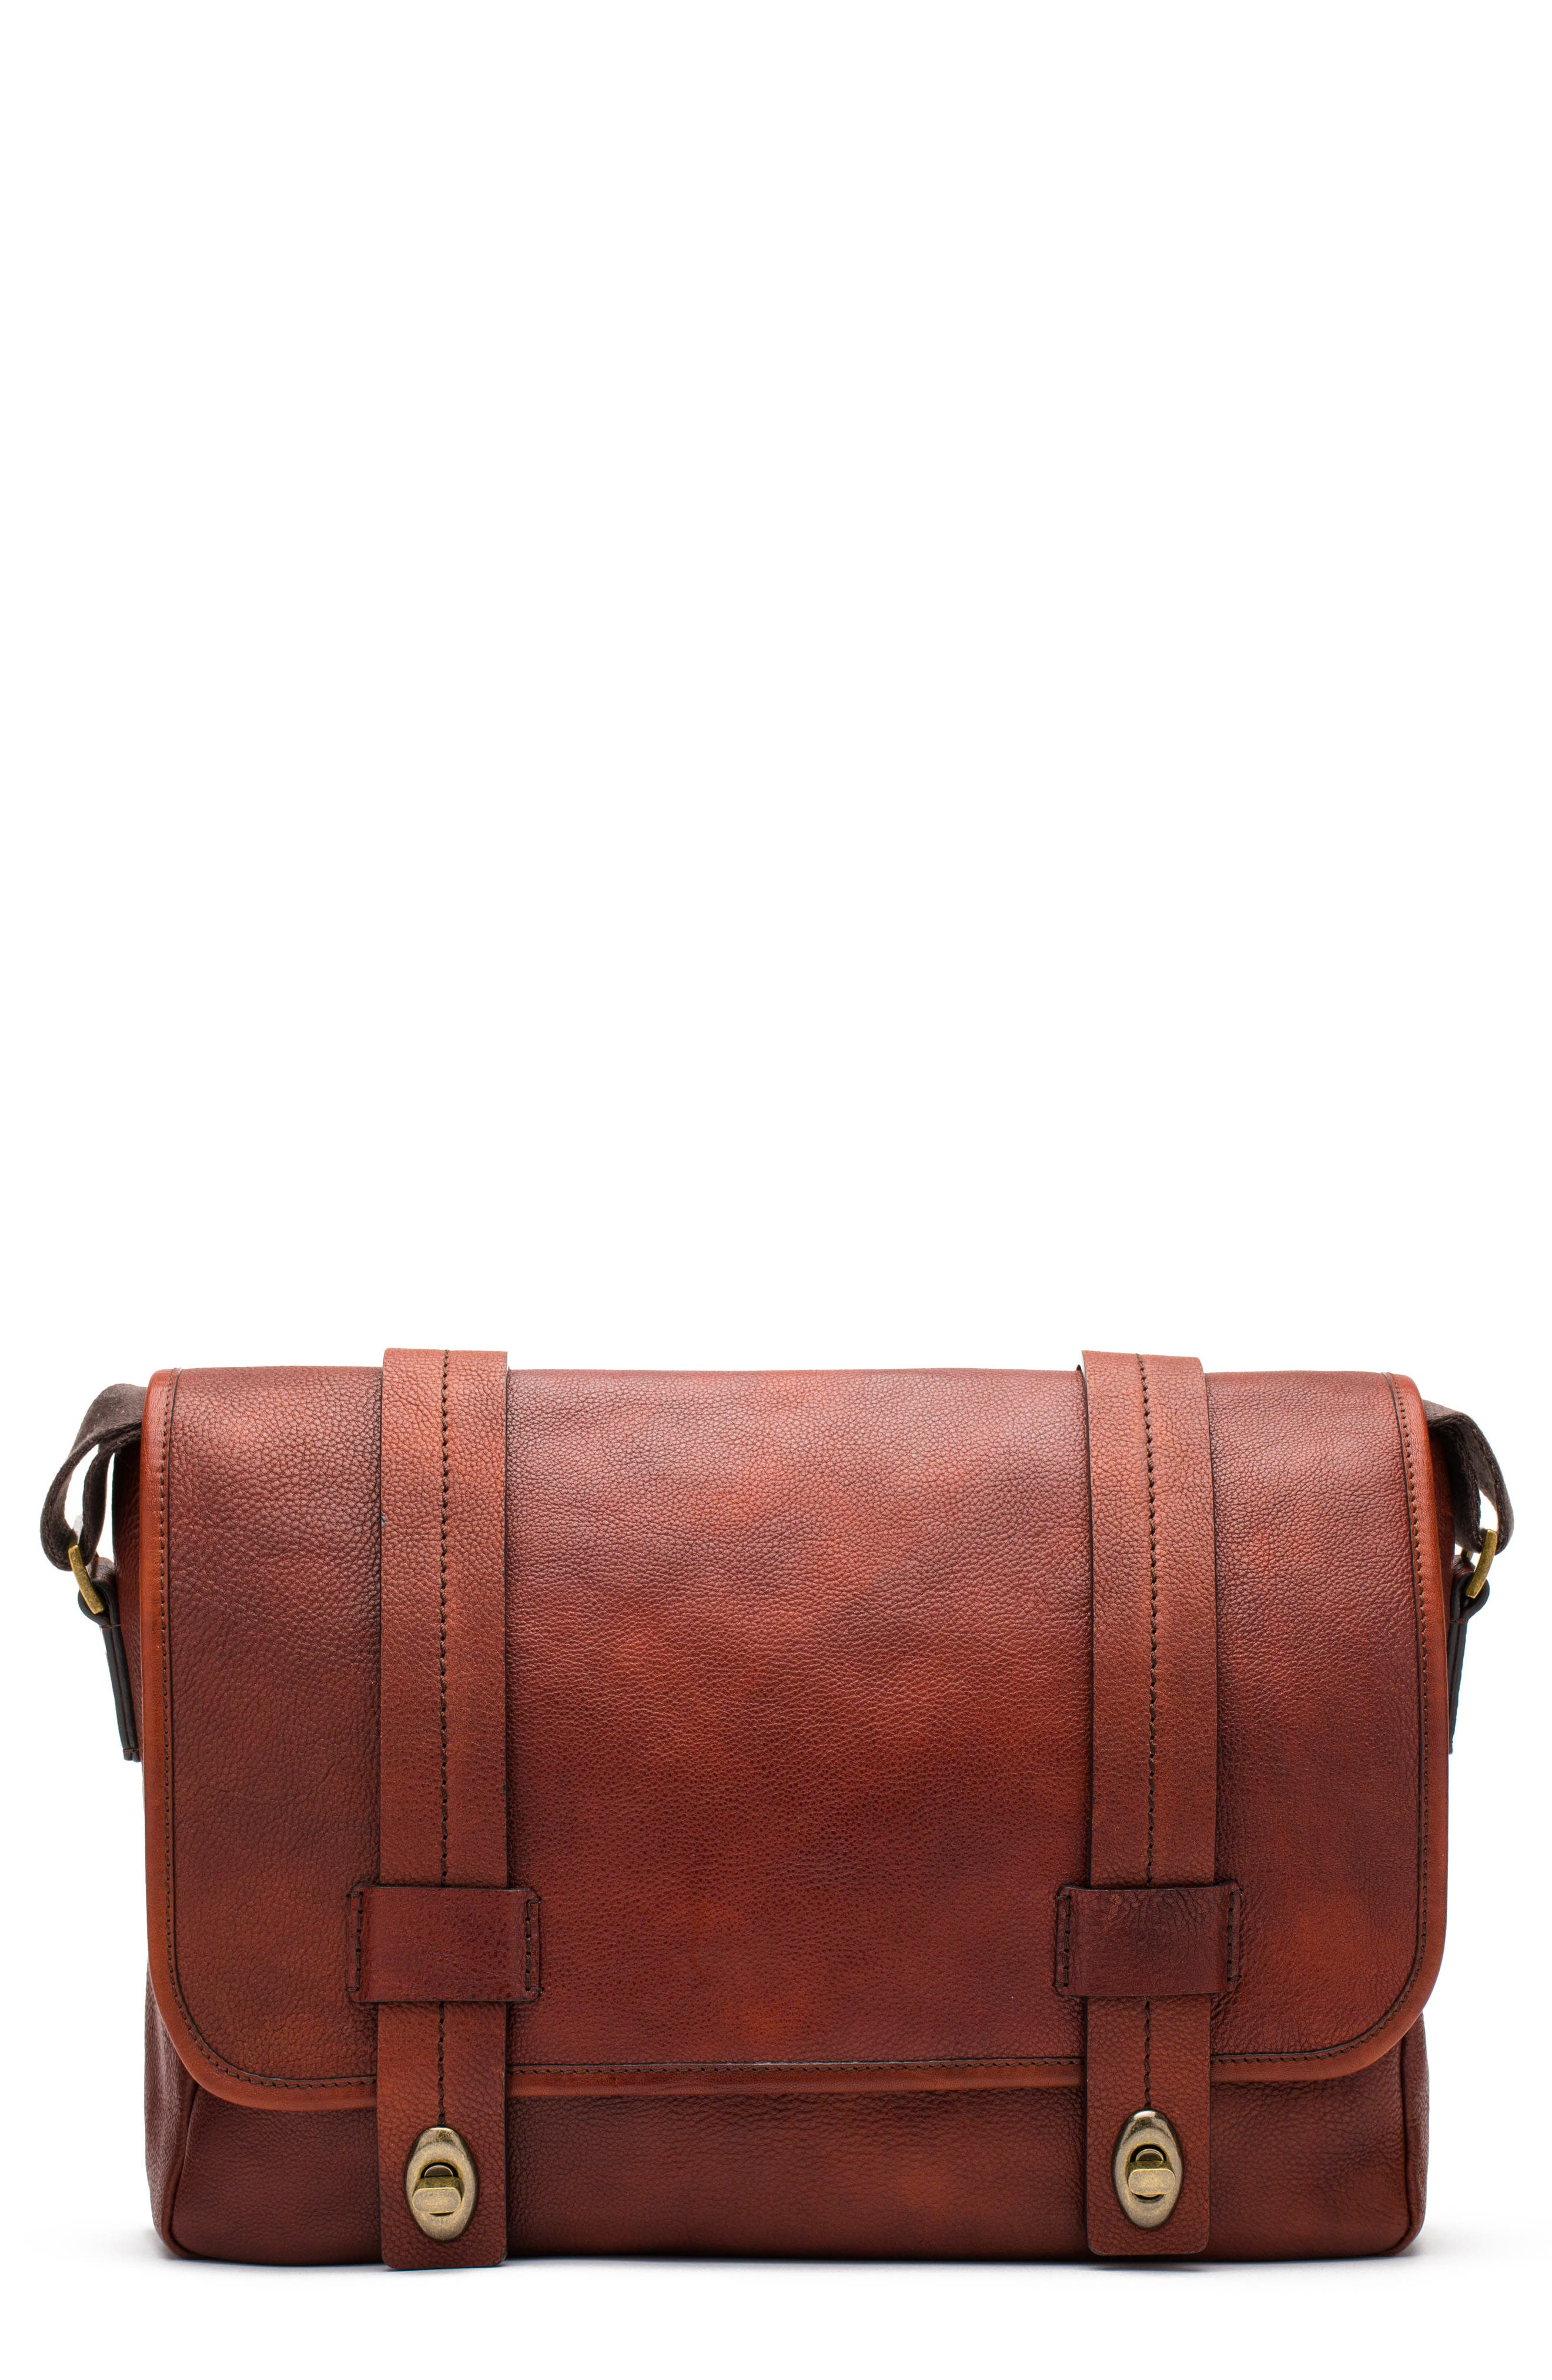 Alternate Image 1 Selected - Bosca Leather Messenger Bag